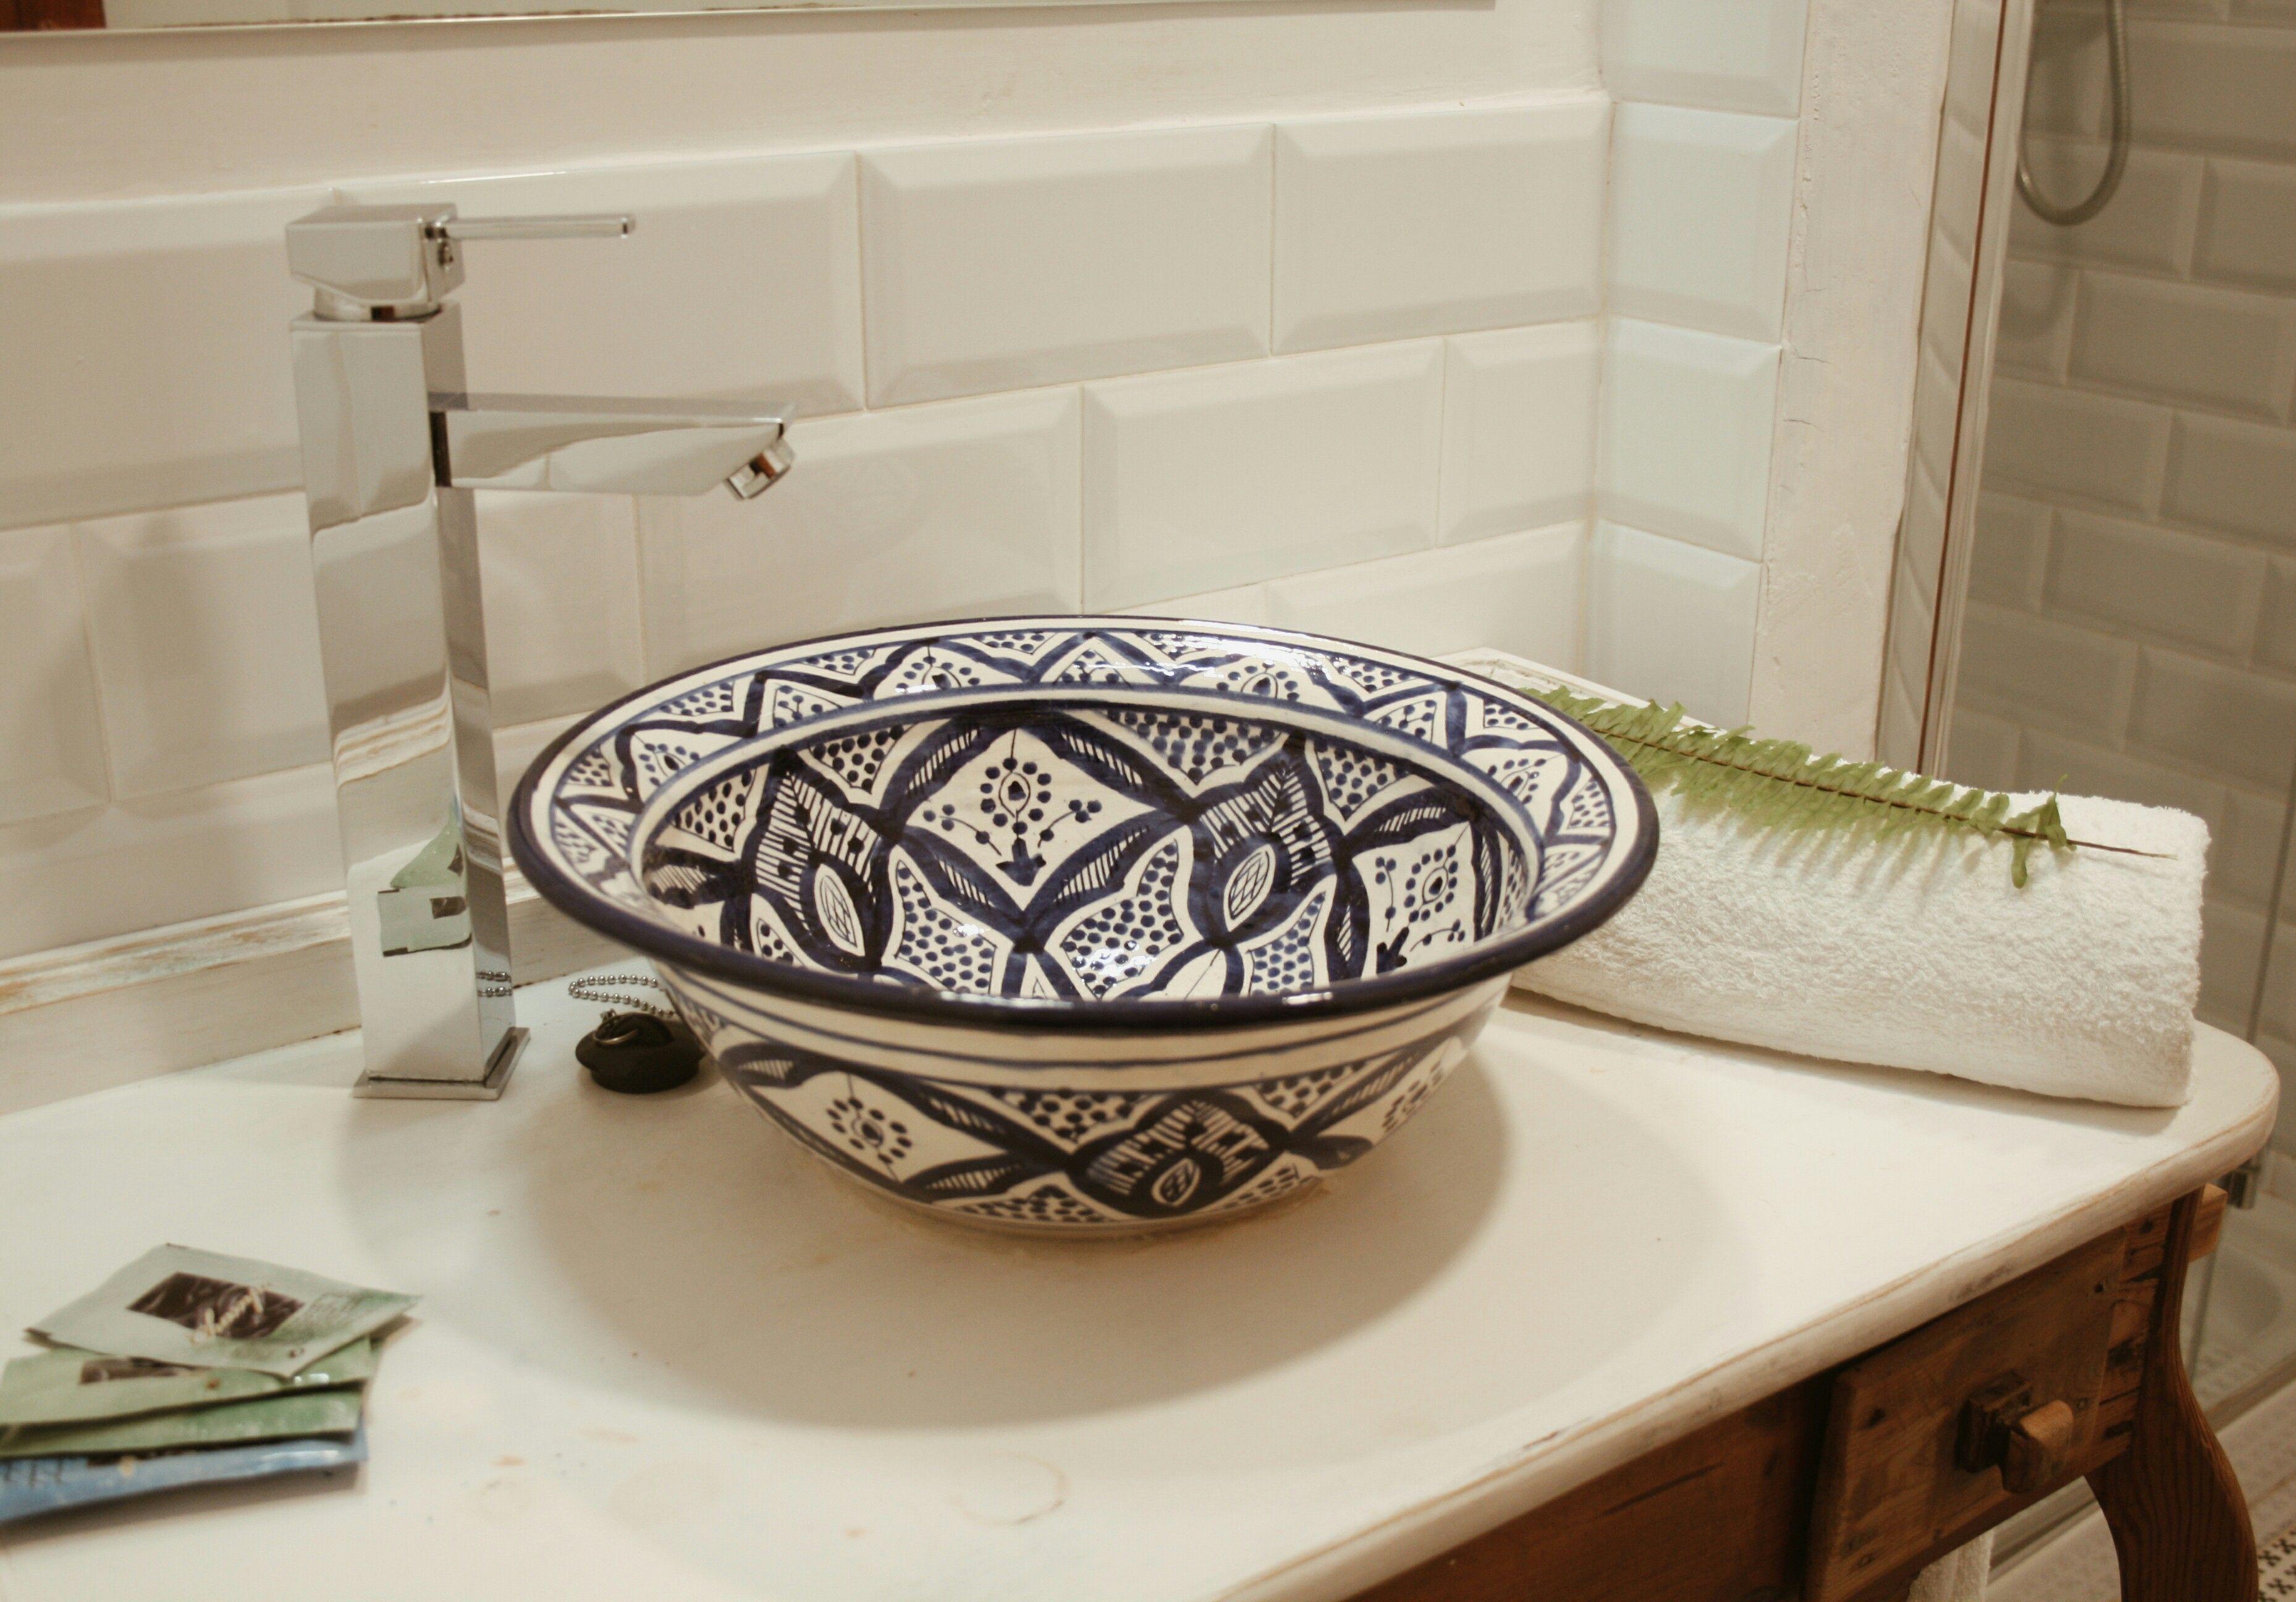 Lavabo de ceramica pintada elaborado en Fez, Marruecos. Instalado en ...